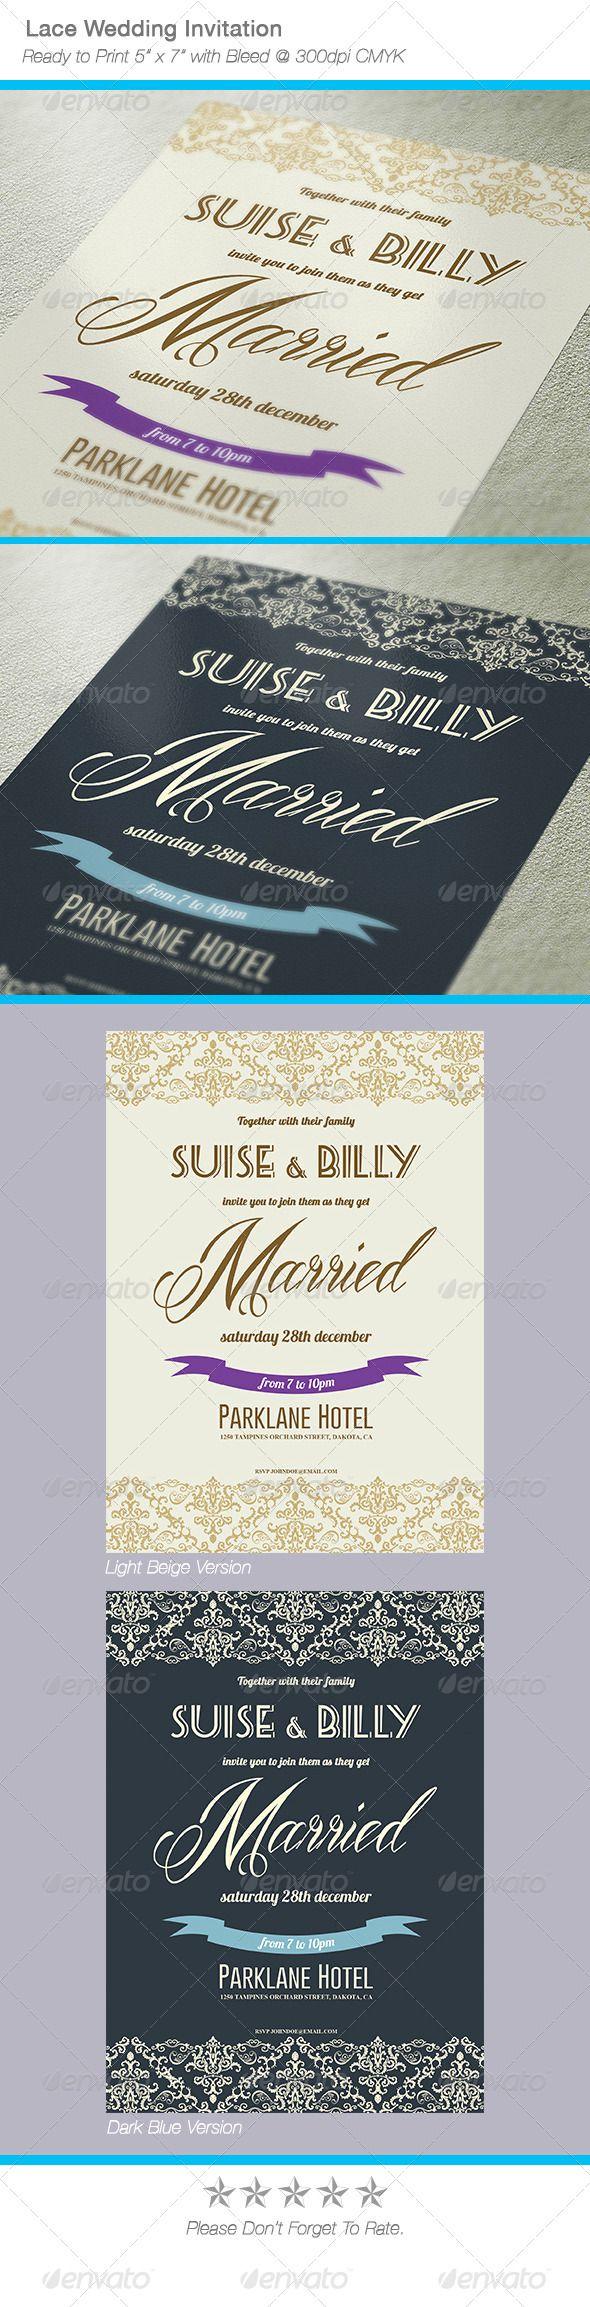 wedding invitation design psd%0A Lace Design Wedding Invitation